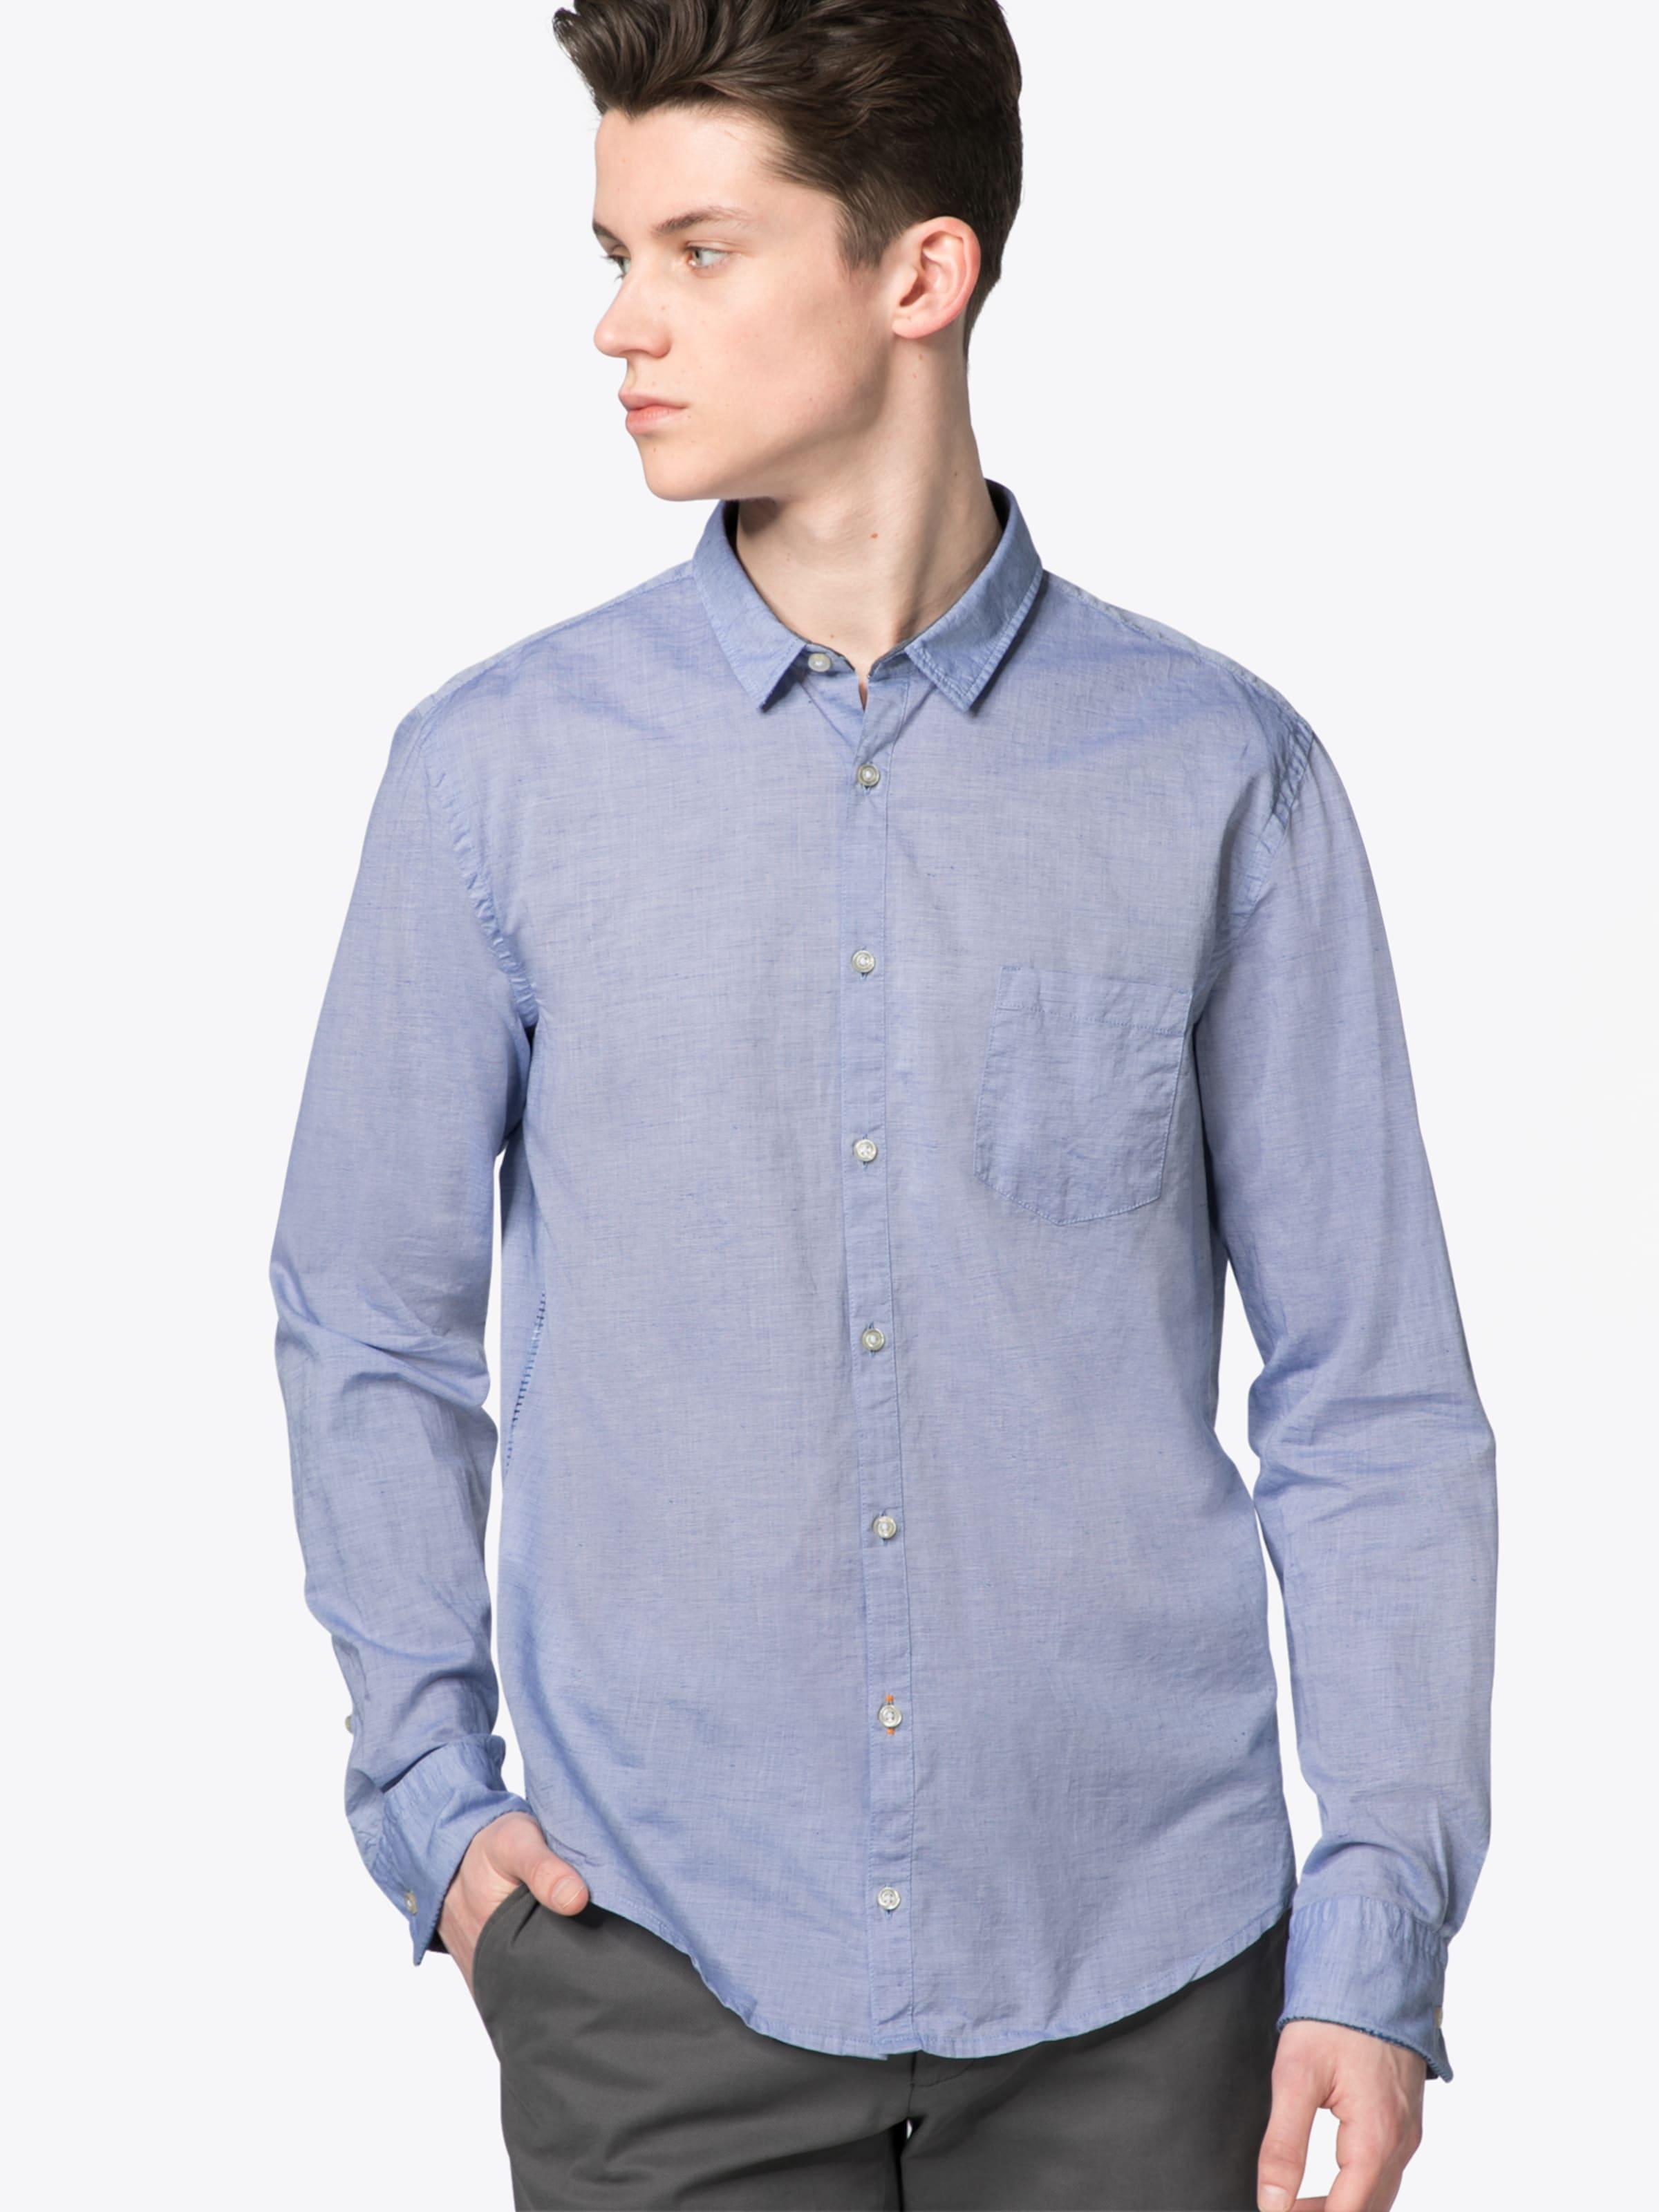 Manchester Große Online-Verkauf BOSS Freizeithemd 'Erum 10203142 01' Erkunden Verkauf Online Geniue Händler Zum Verkauf Rabatt Für Schön qqjV4w2